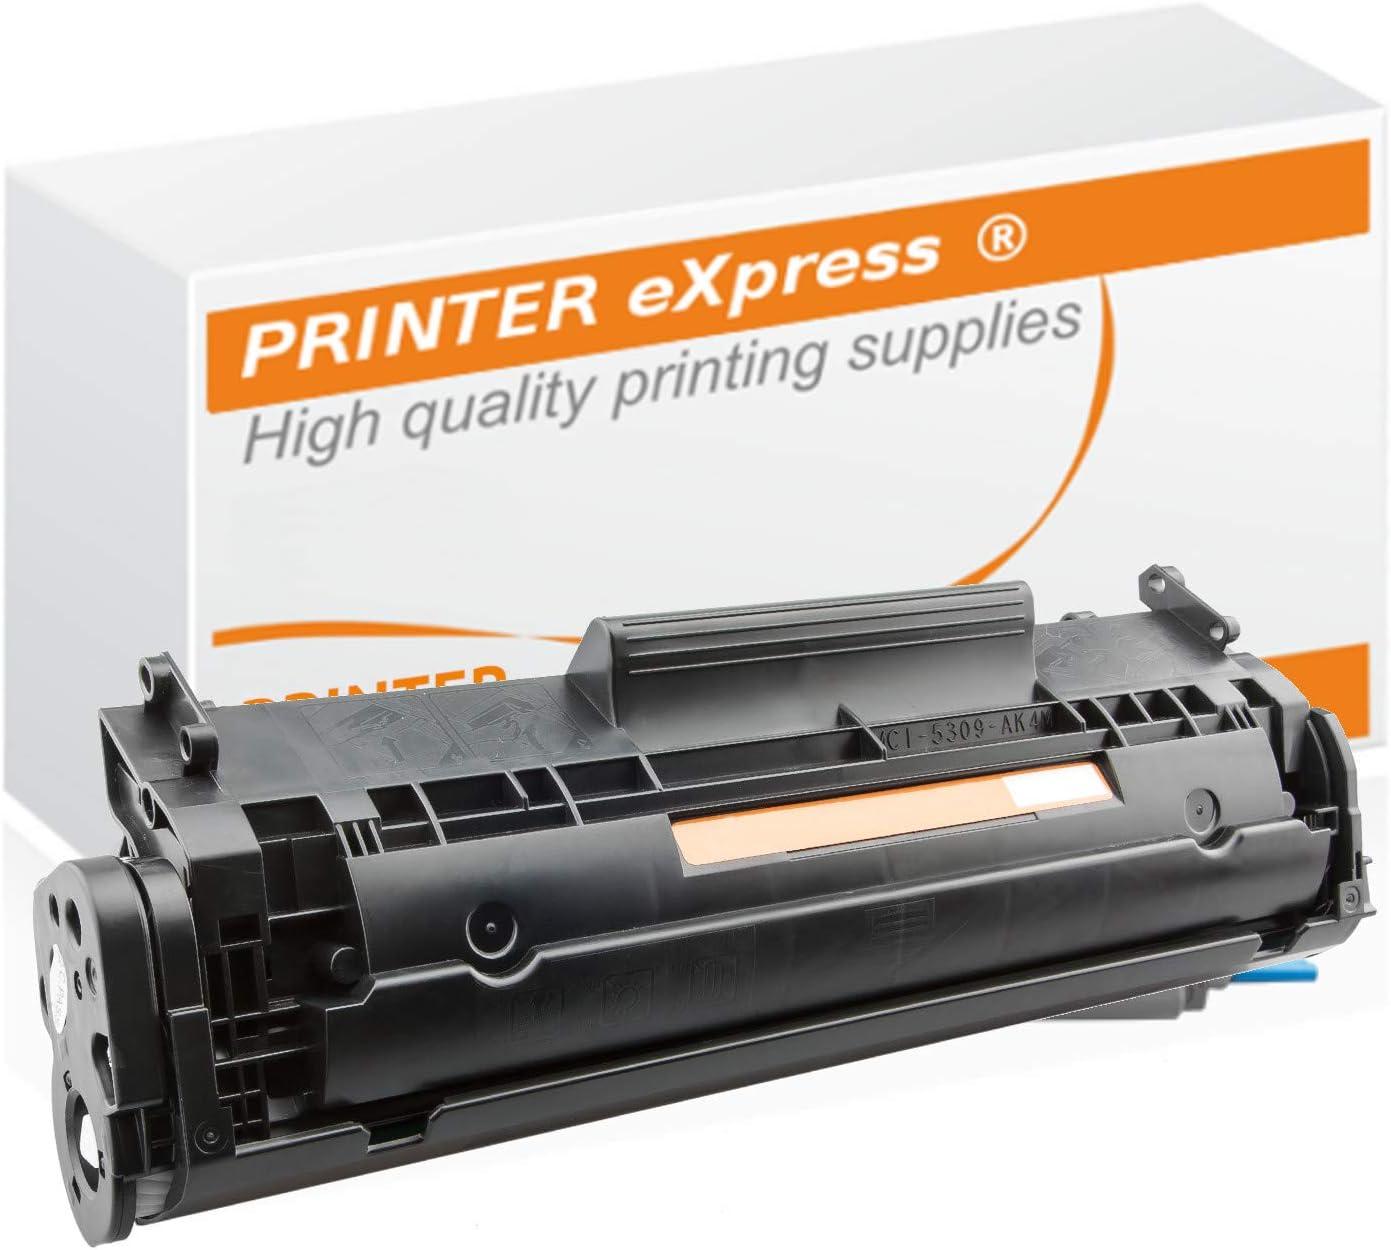 Printer Express Xxl 2 100 Seiten Toner Kompatibel Mit Hp Q2612a 12a Q2612x 12x 2612 Für Laserjet 1010 1012 1015 1018 1020 1022 3015 3020 3030 3050 3052 3055 Schwarz Bürobedarf Schreibwaren